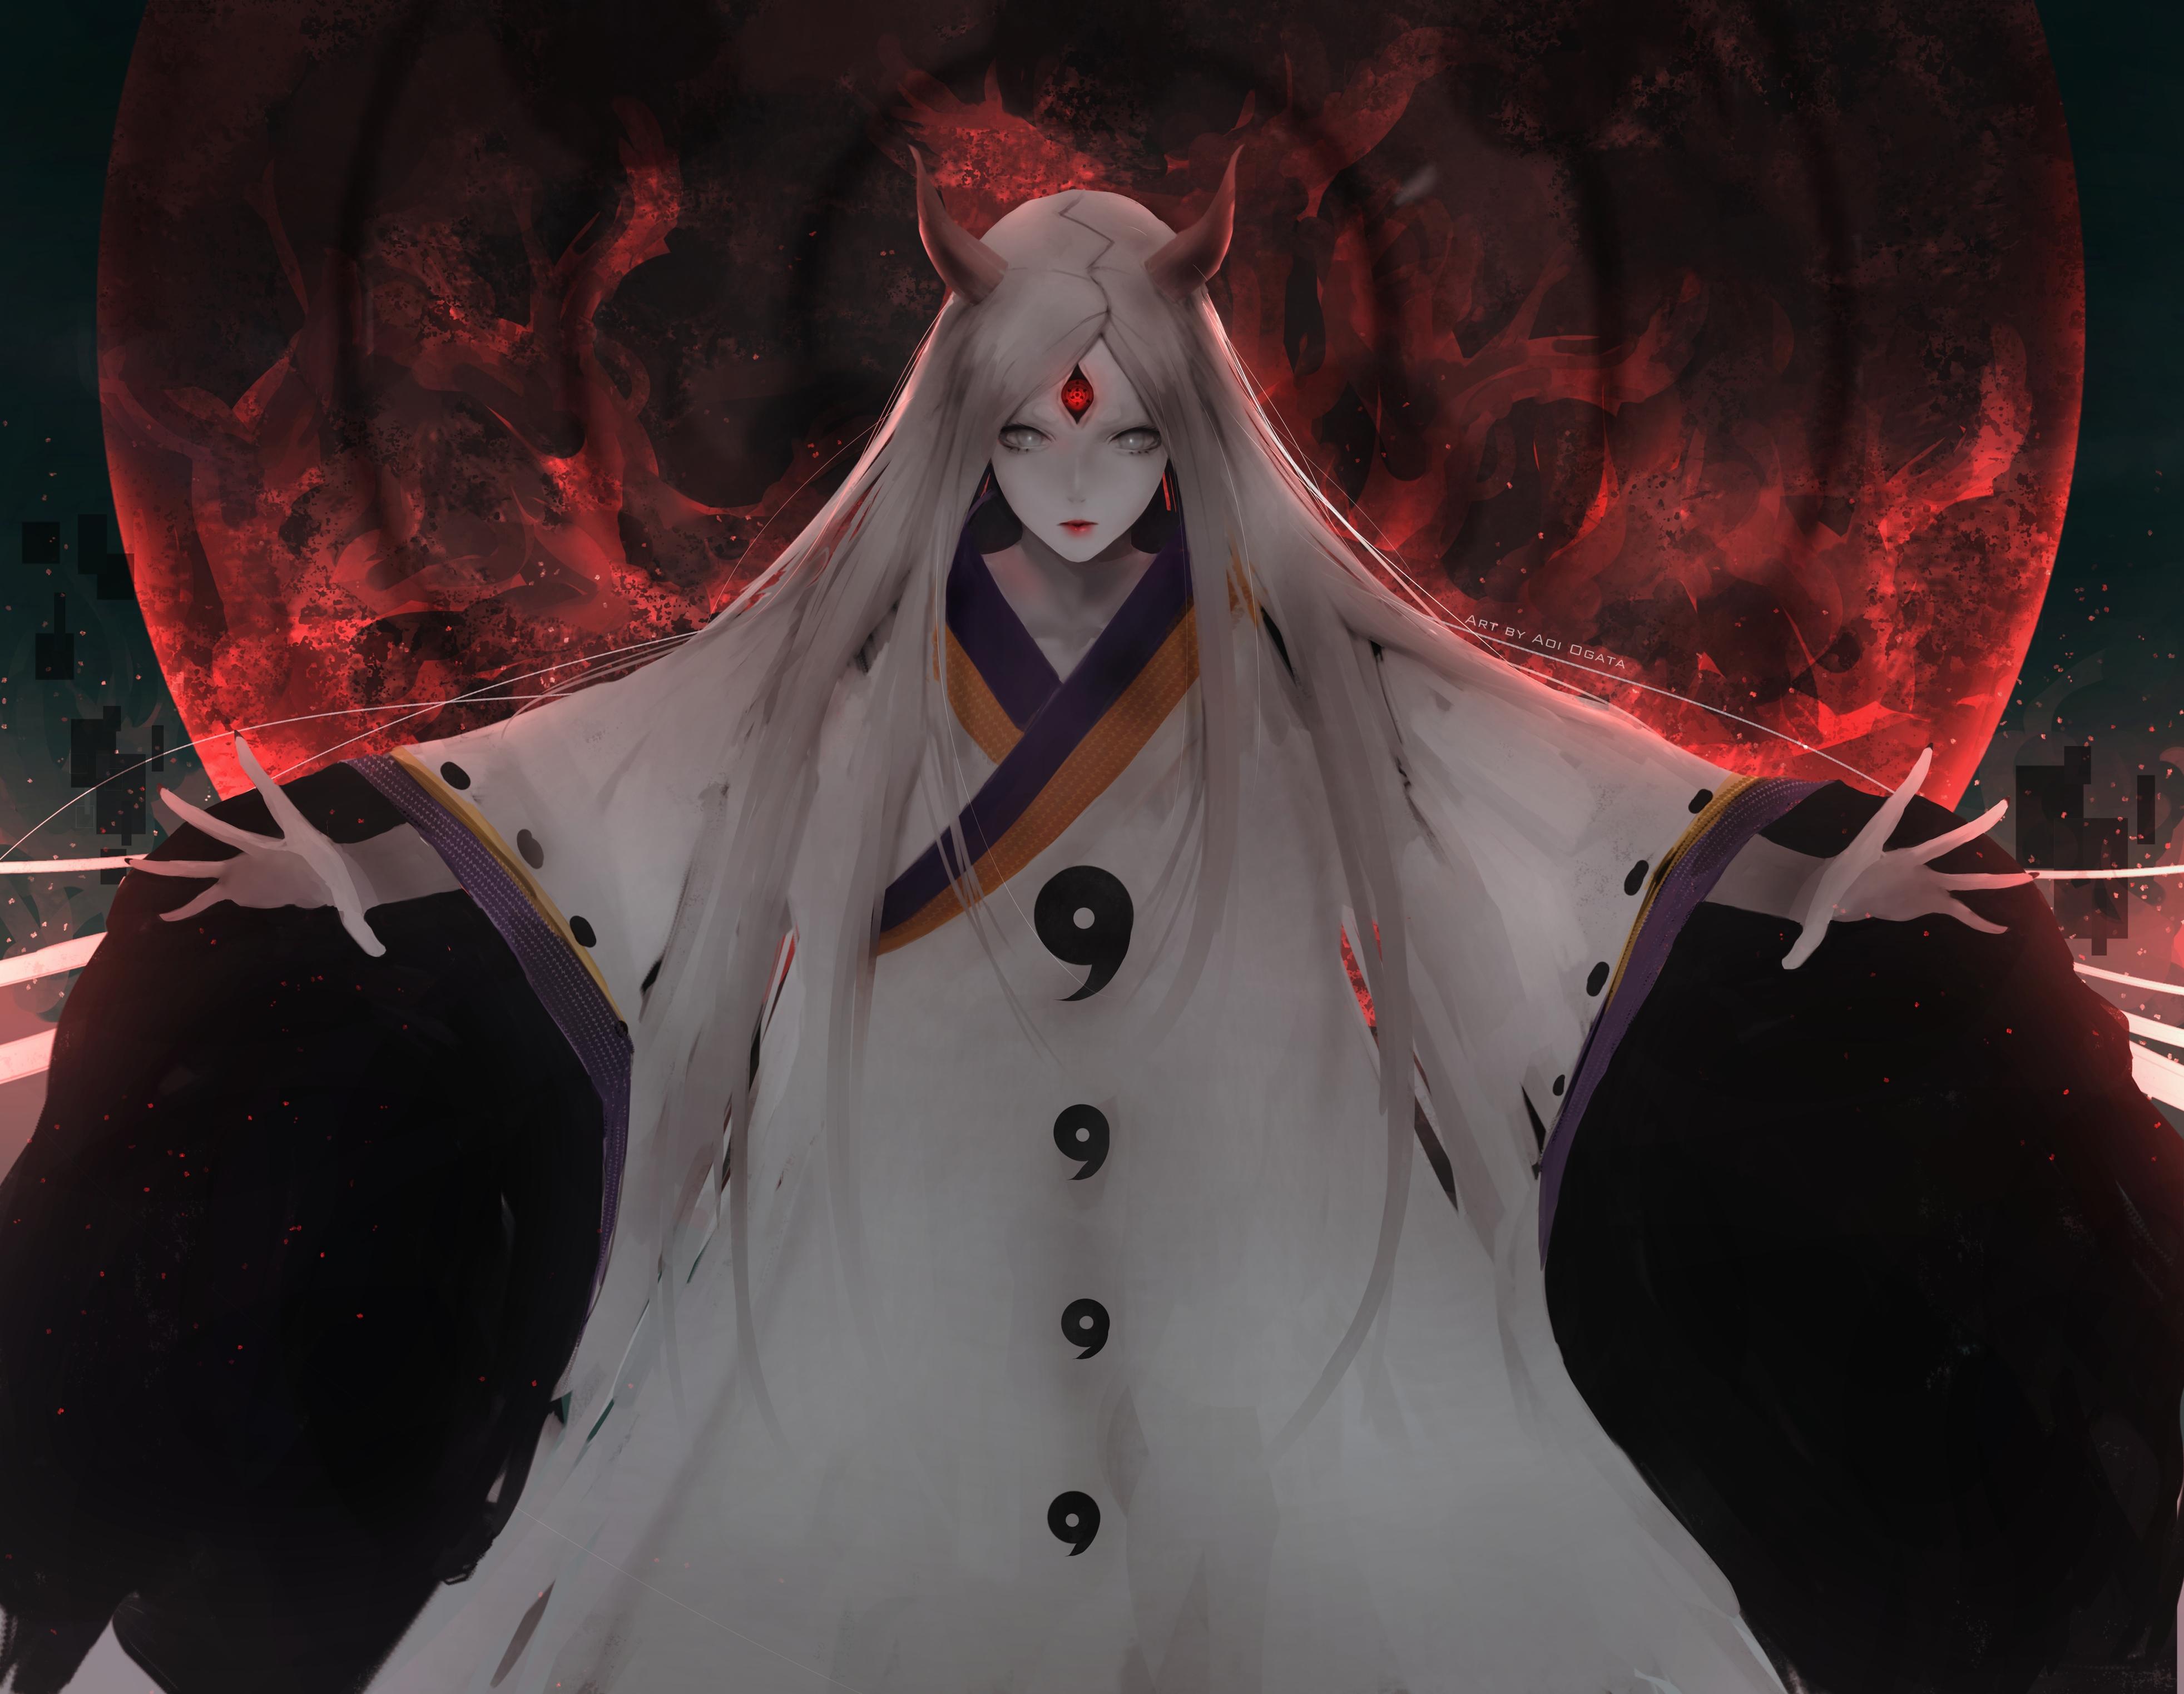 nanatsu no taizai anime